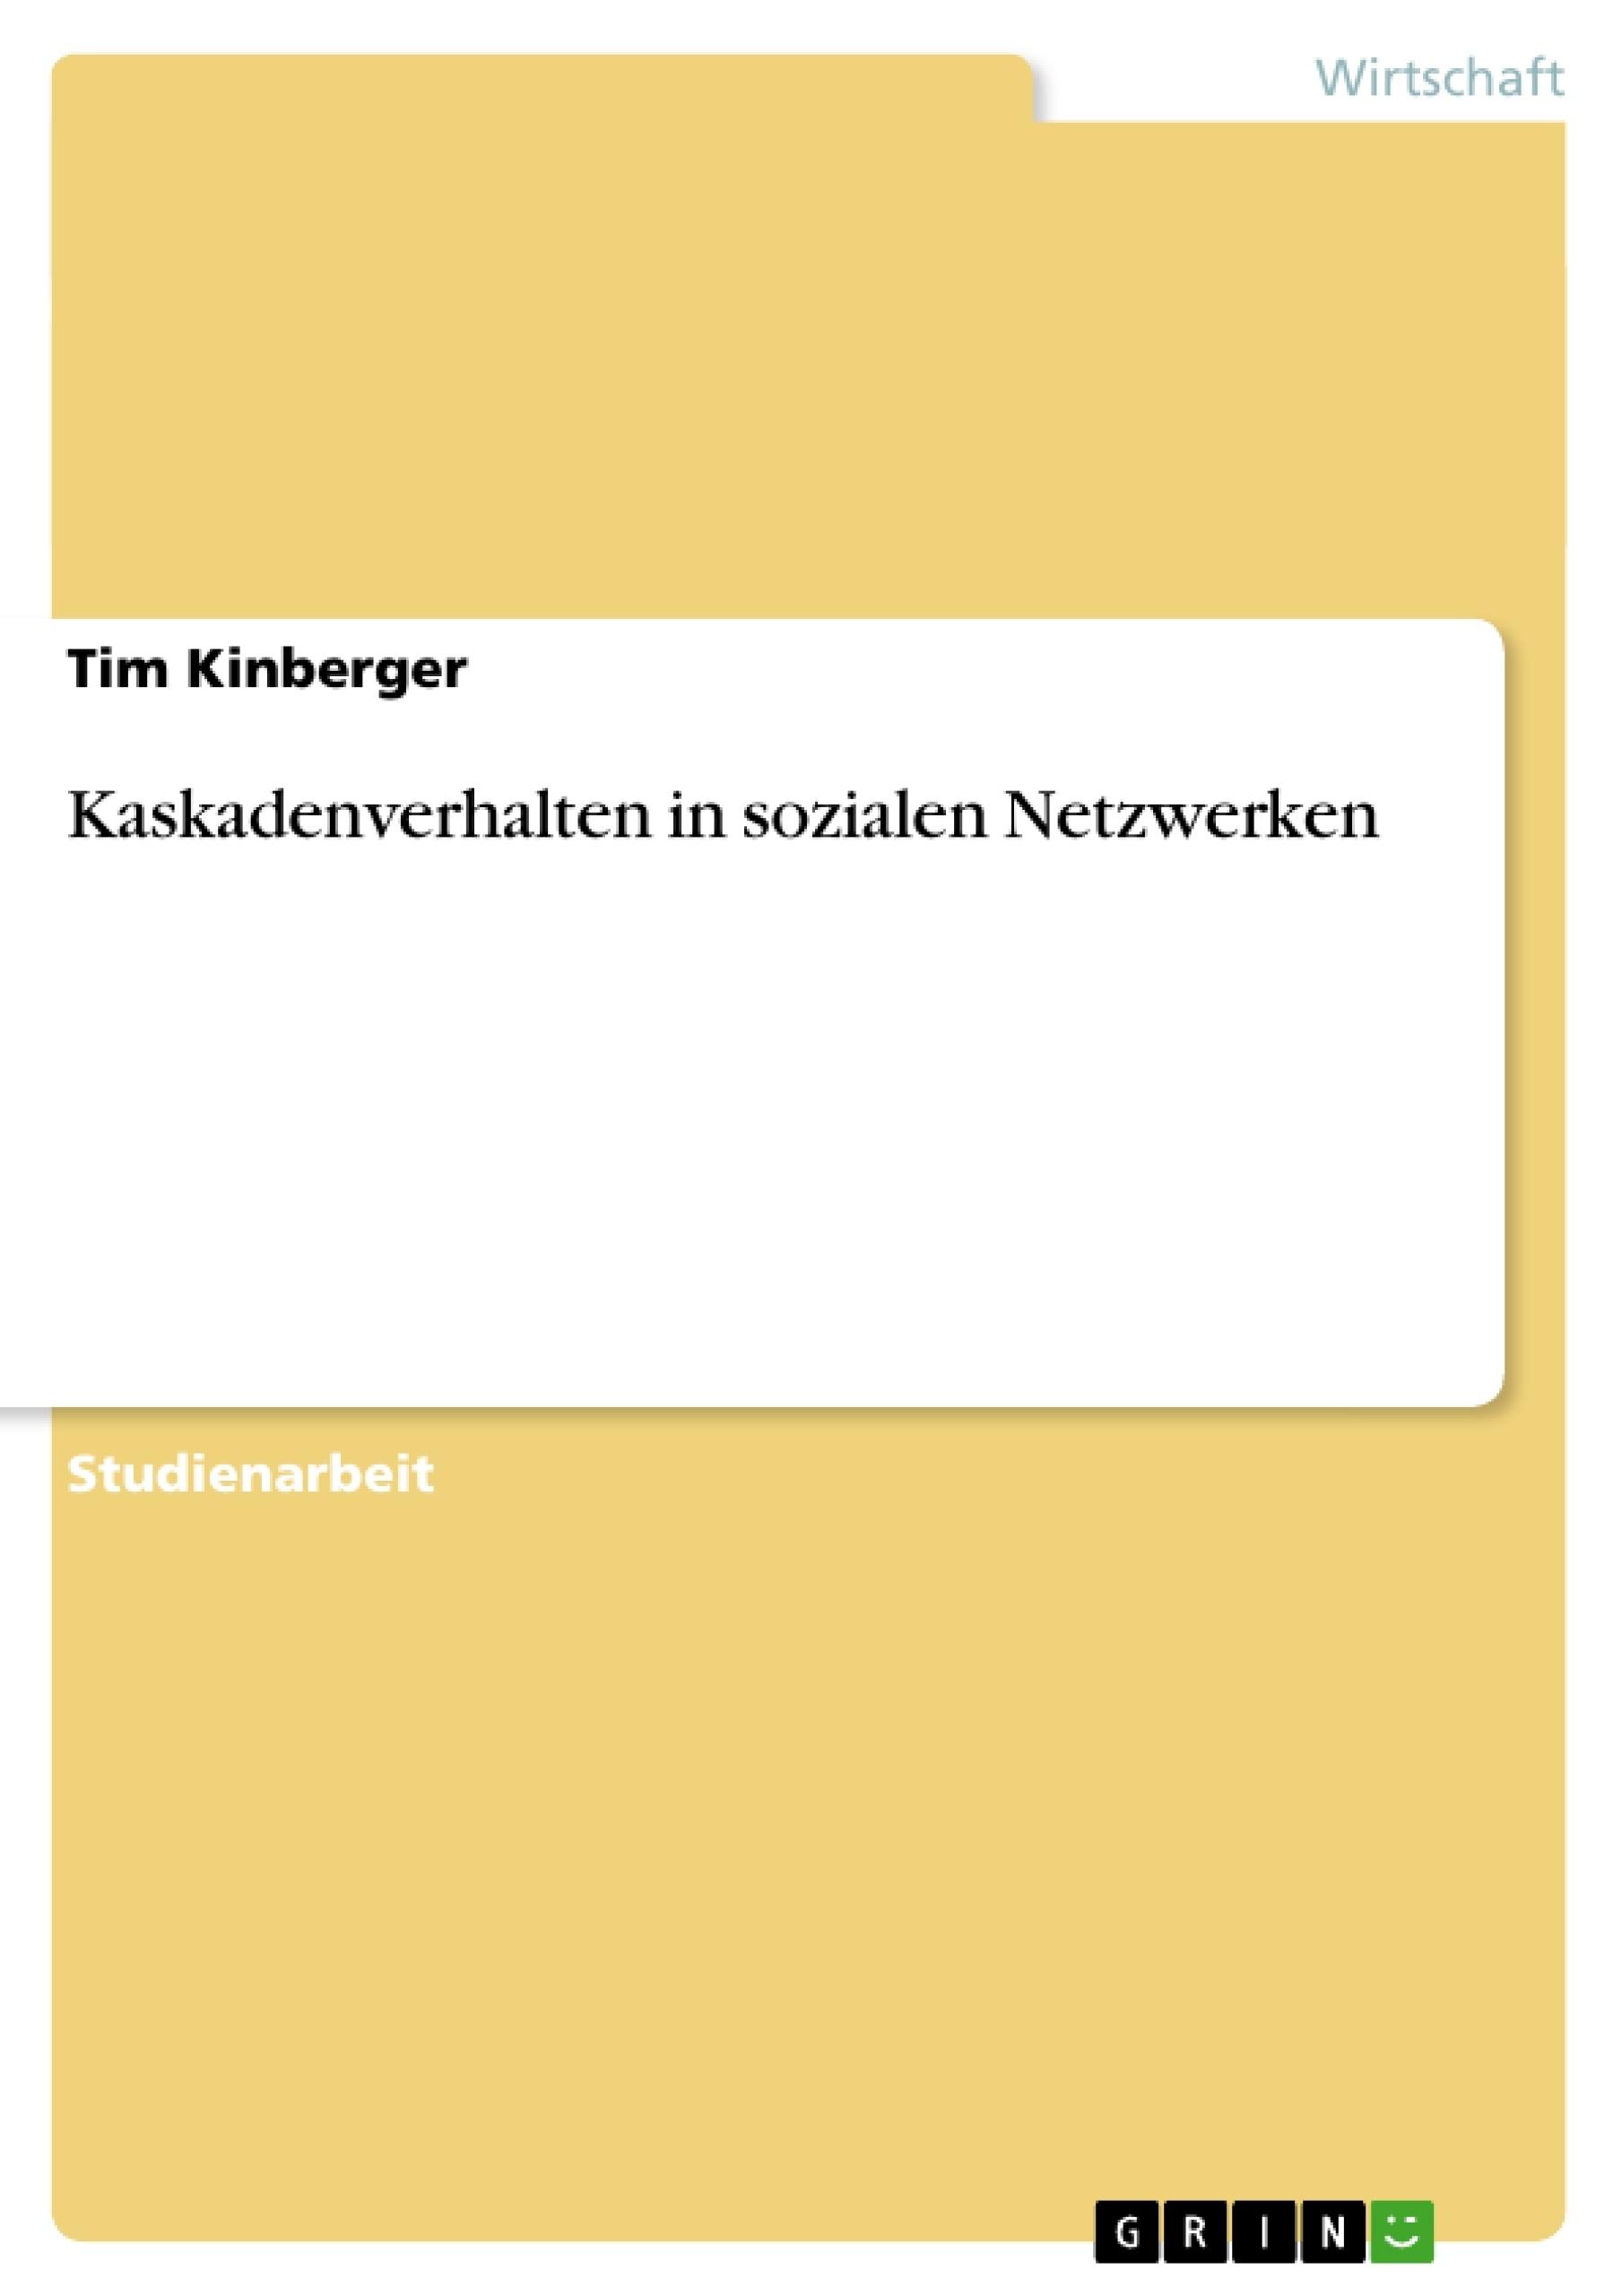 Titel: Kaskadenverhalten in sozialen Netzwerken